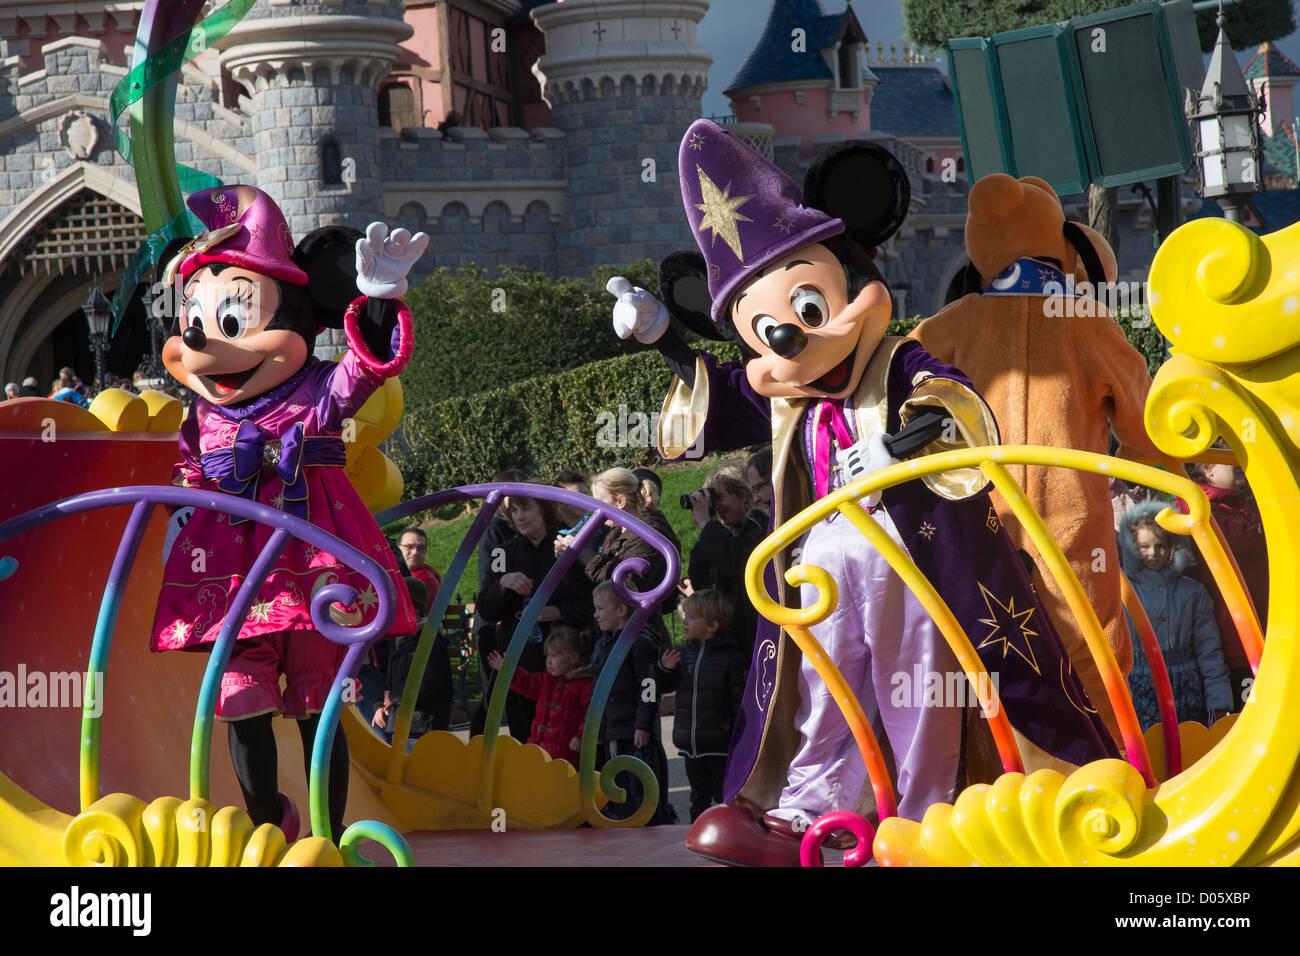 Parade Disneyland avec Mickey et Minnie Mouse sur un flotteur, Disneyland Paris (Euro Disney) Photo Stock